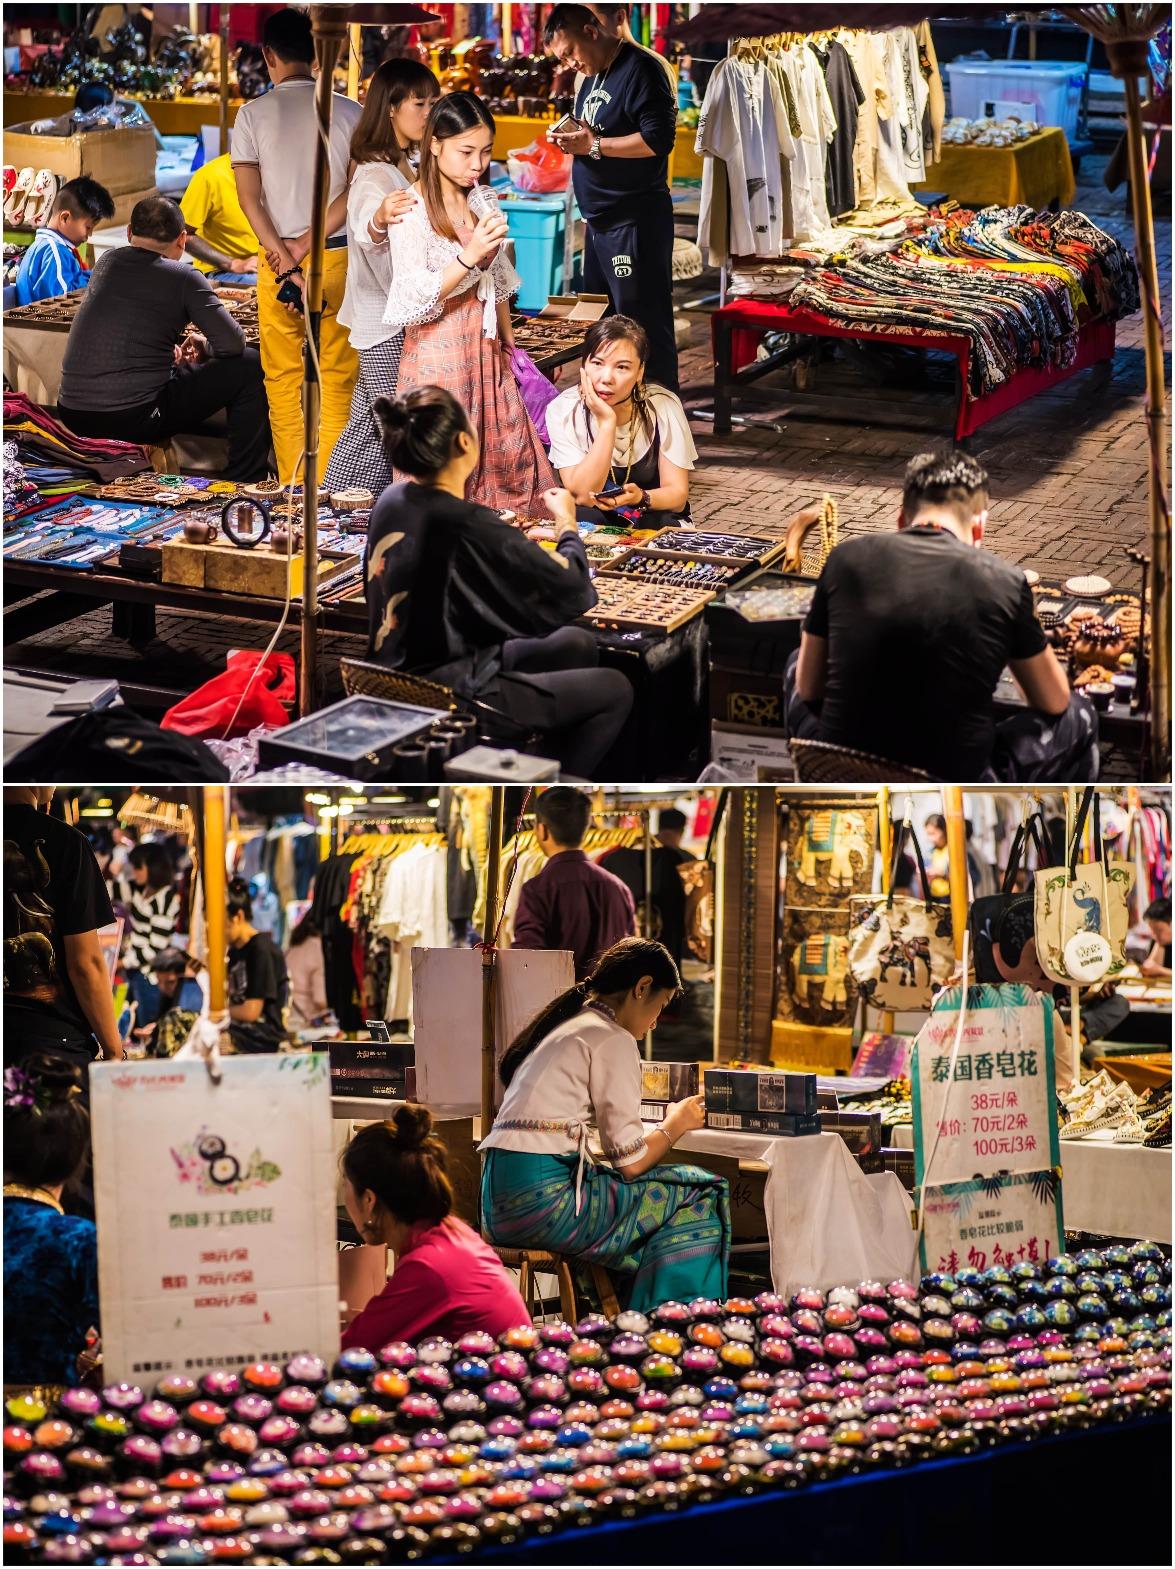 當代中國-中國旅遊-雲南旅遊-雲南西雙版納-星光夜市-05